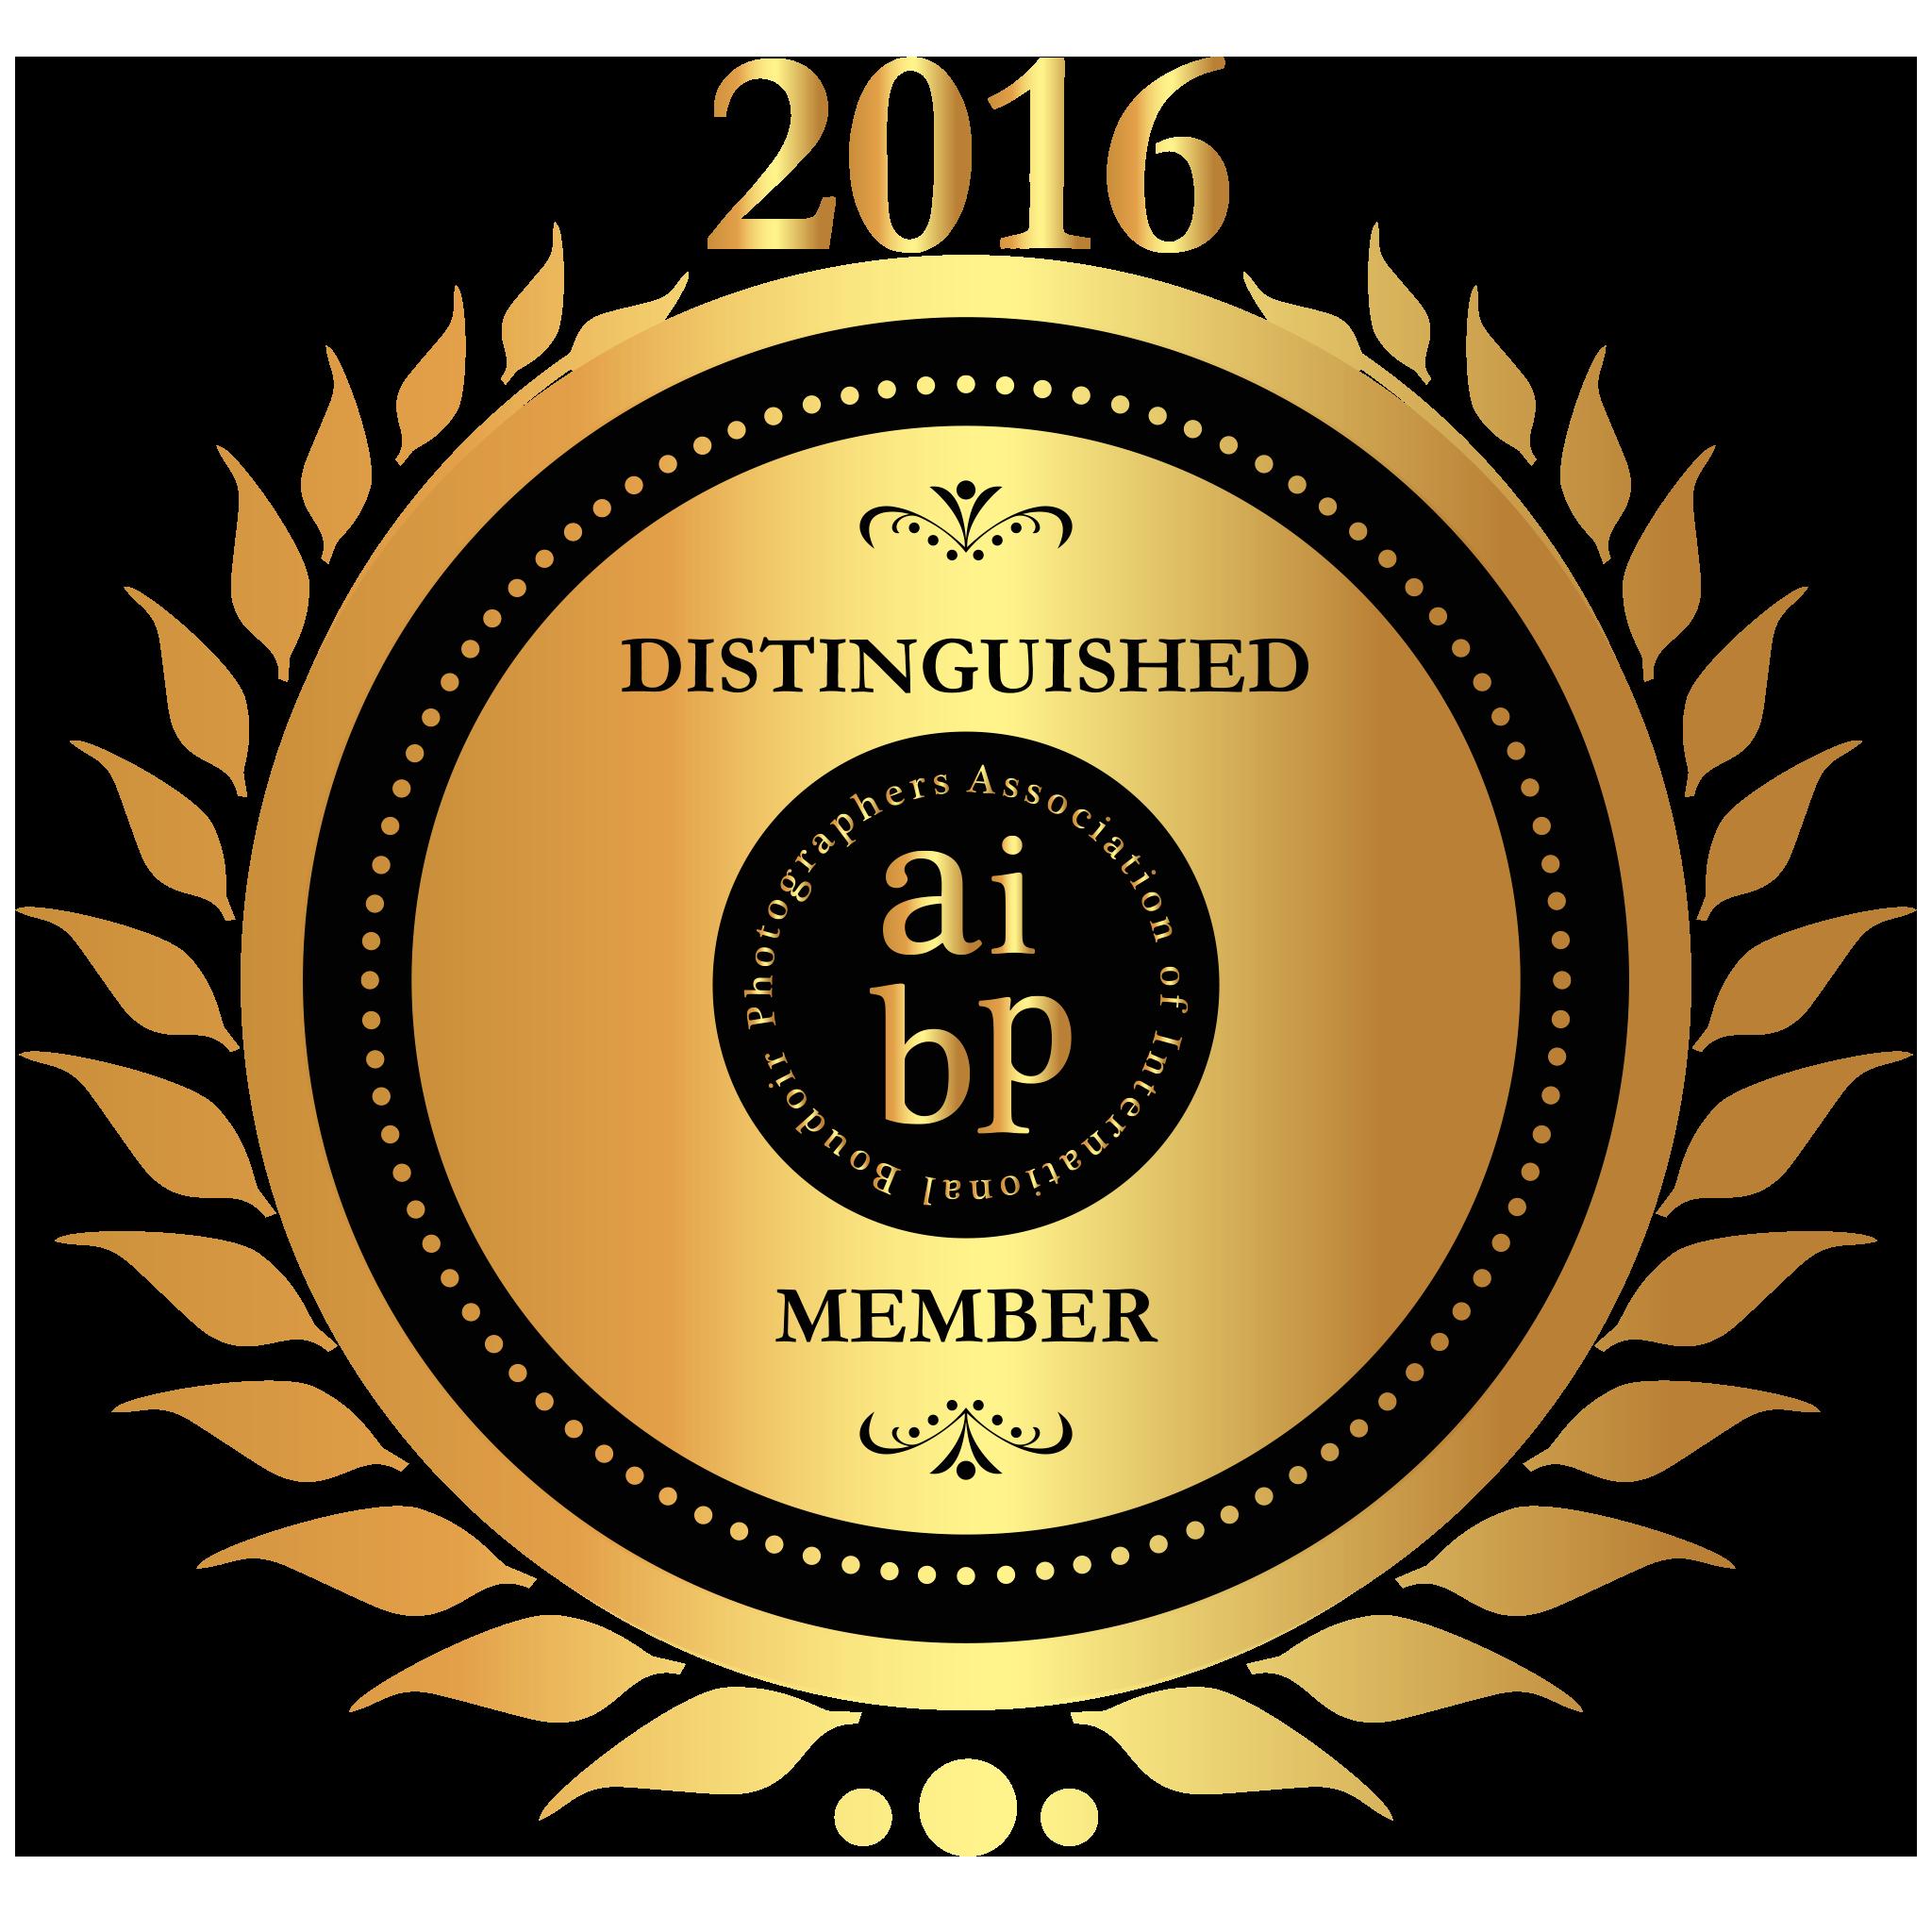 member_badge_2016_gold.png